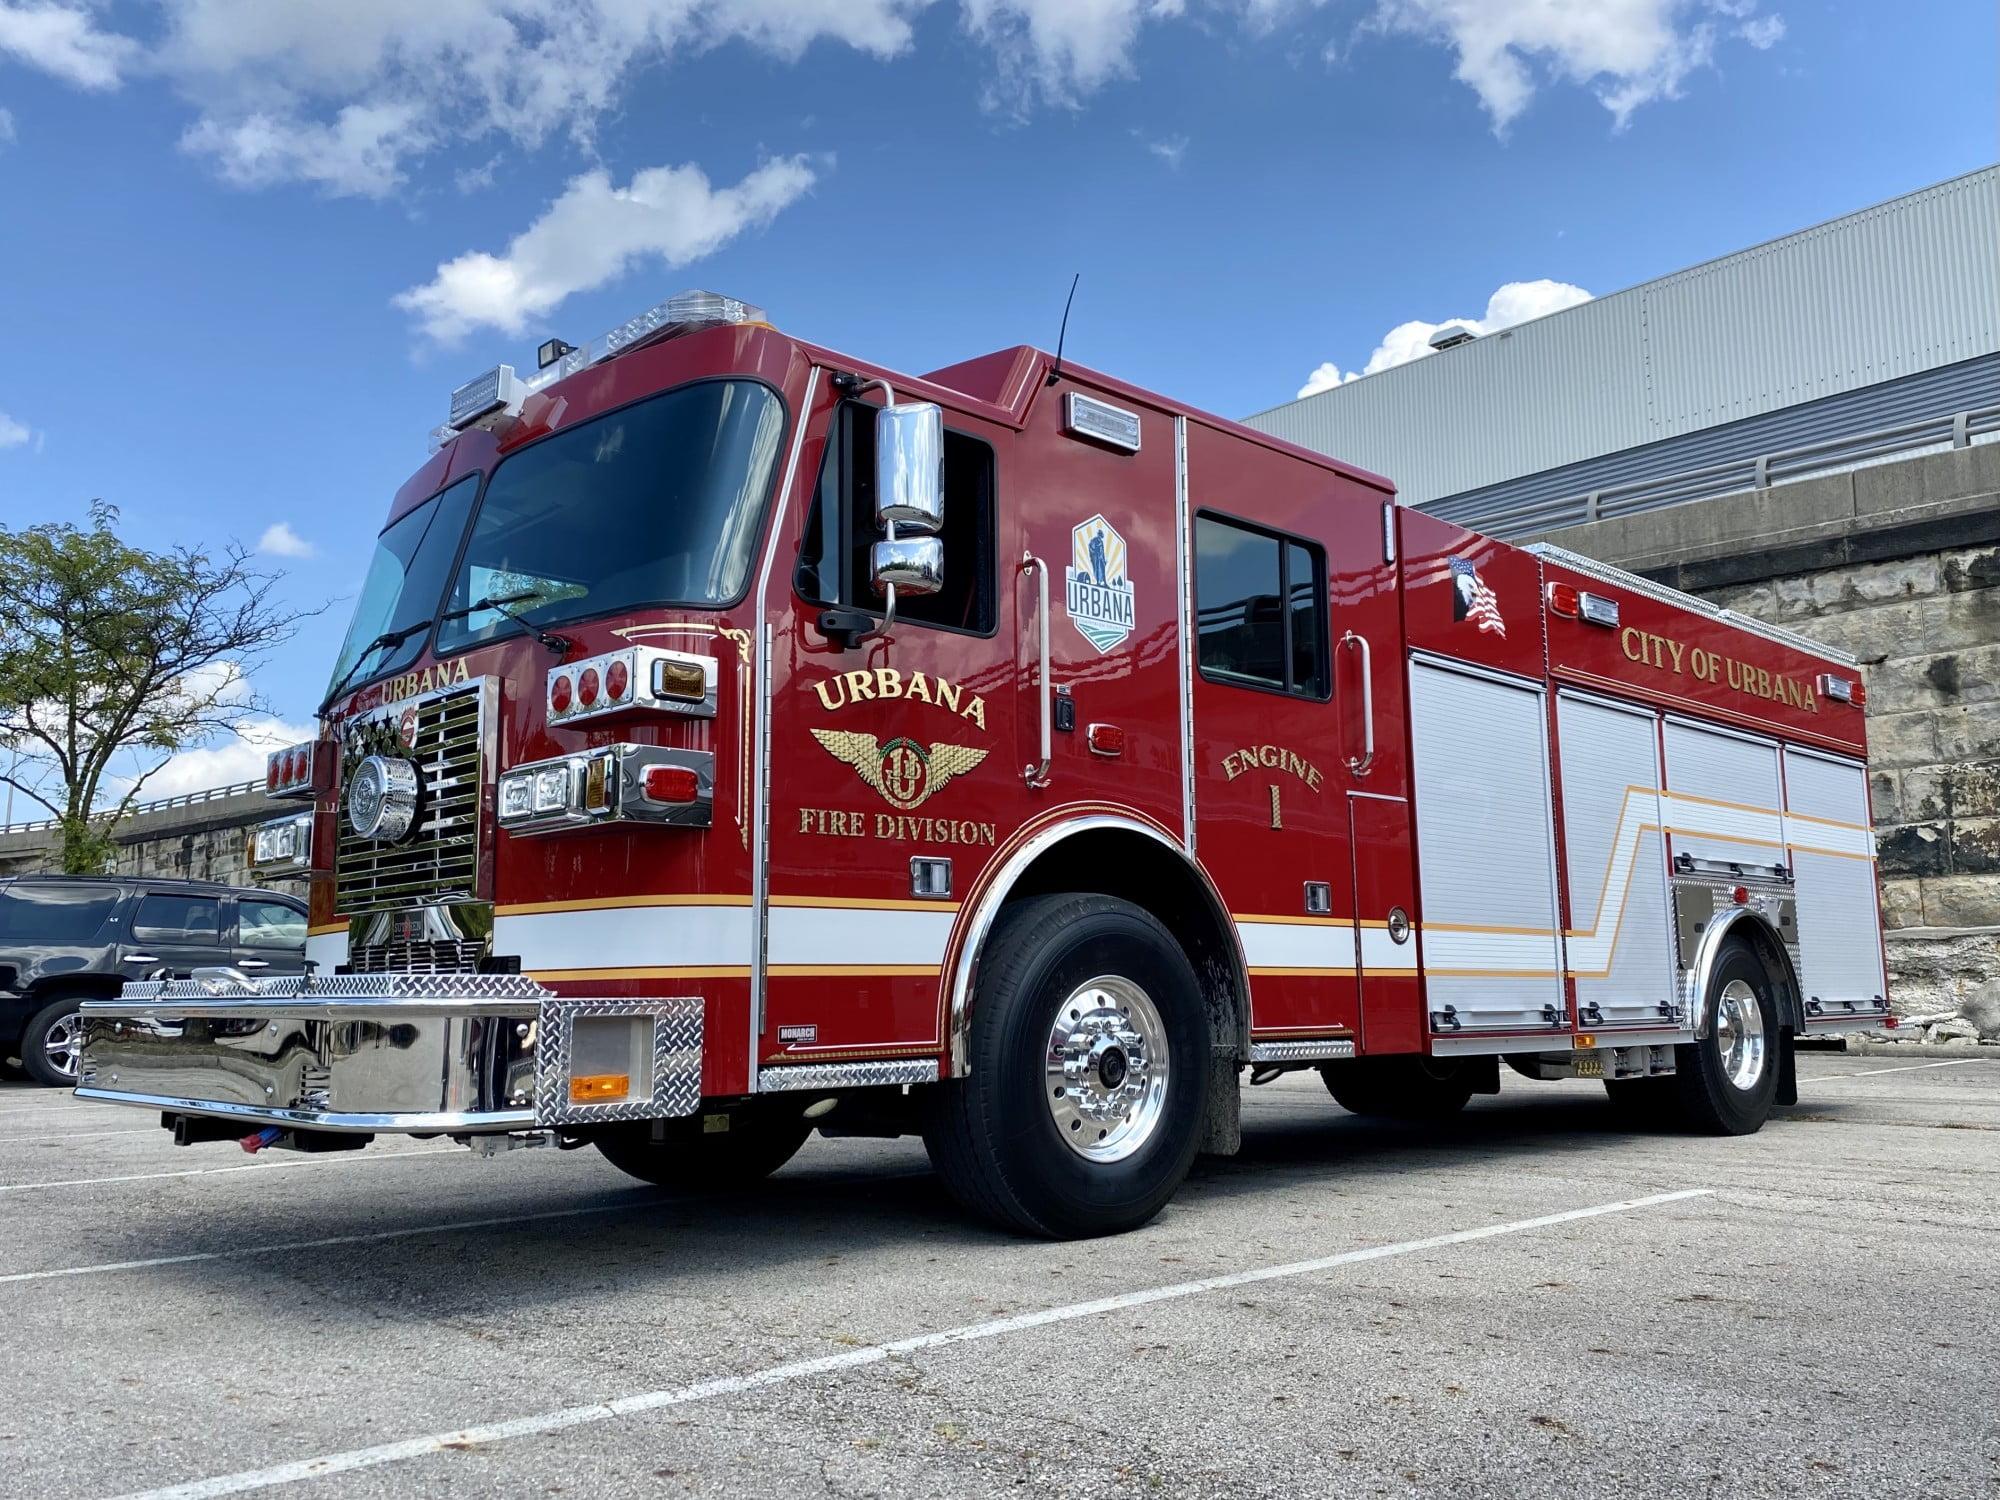 Urbana Fire Department